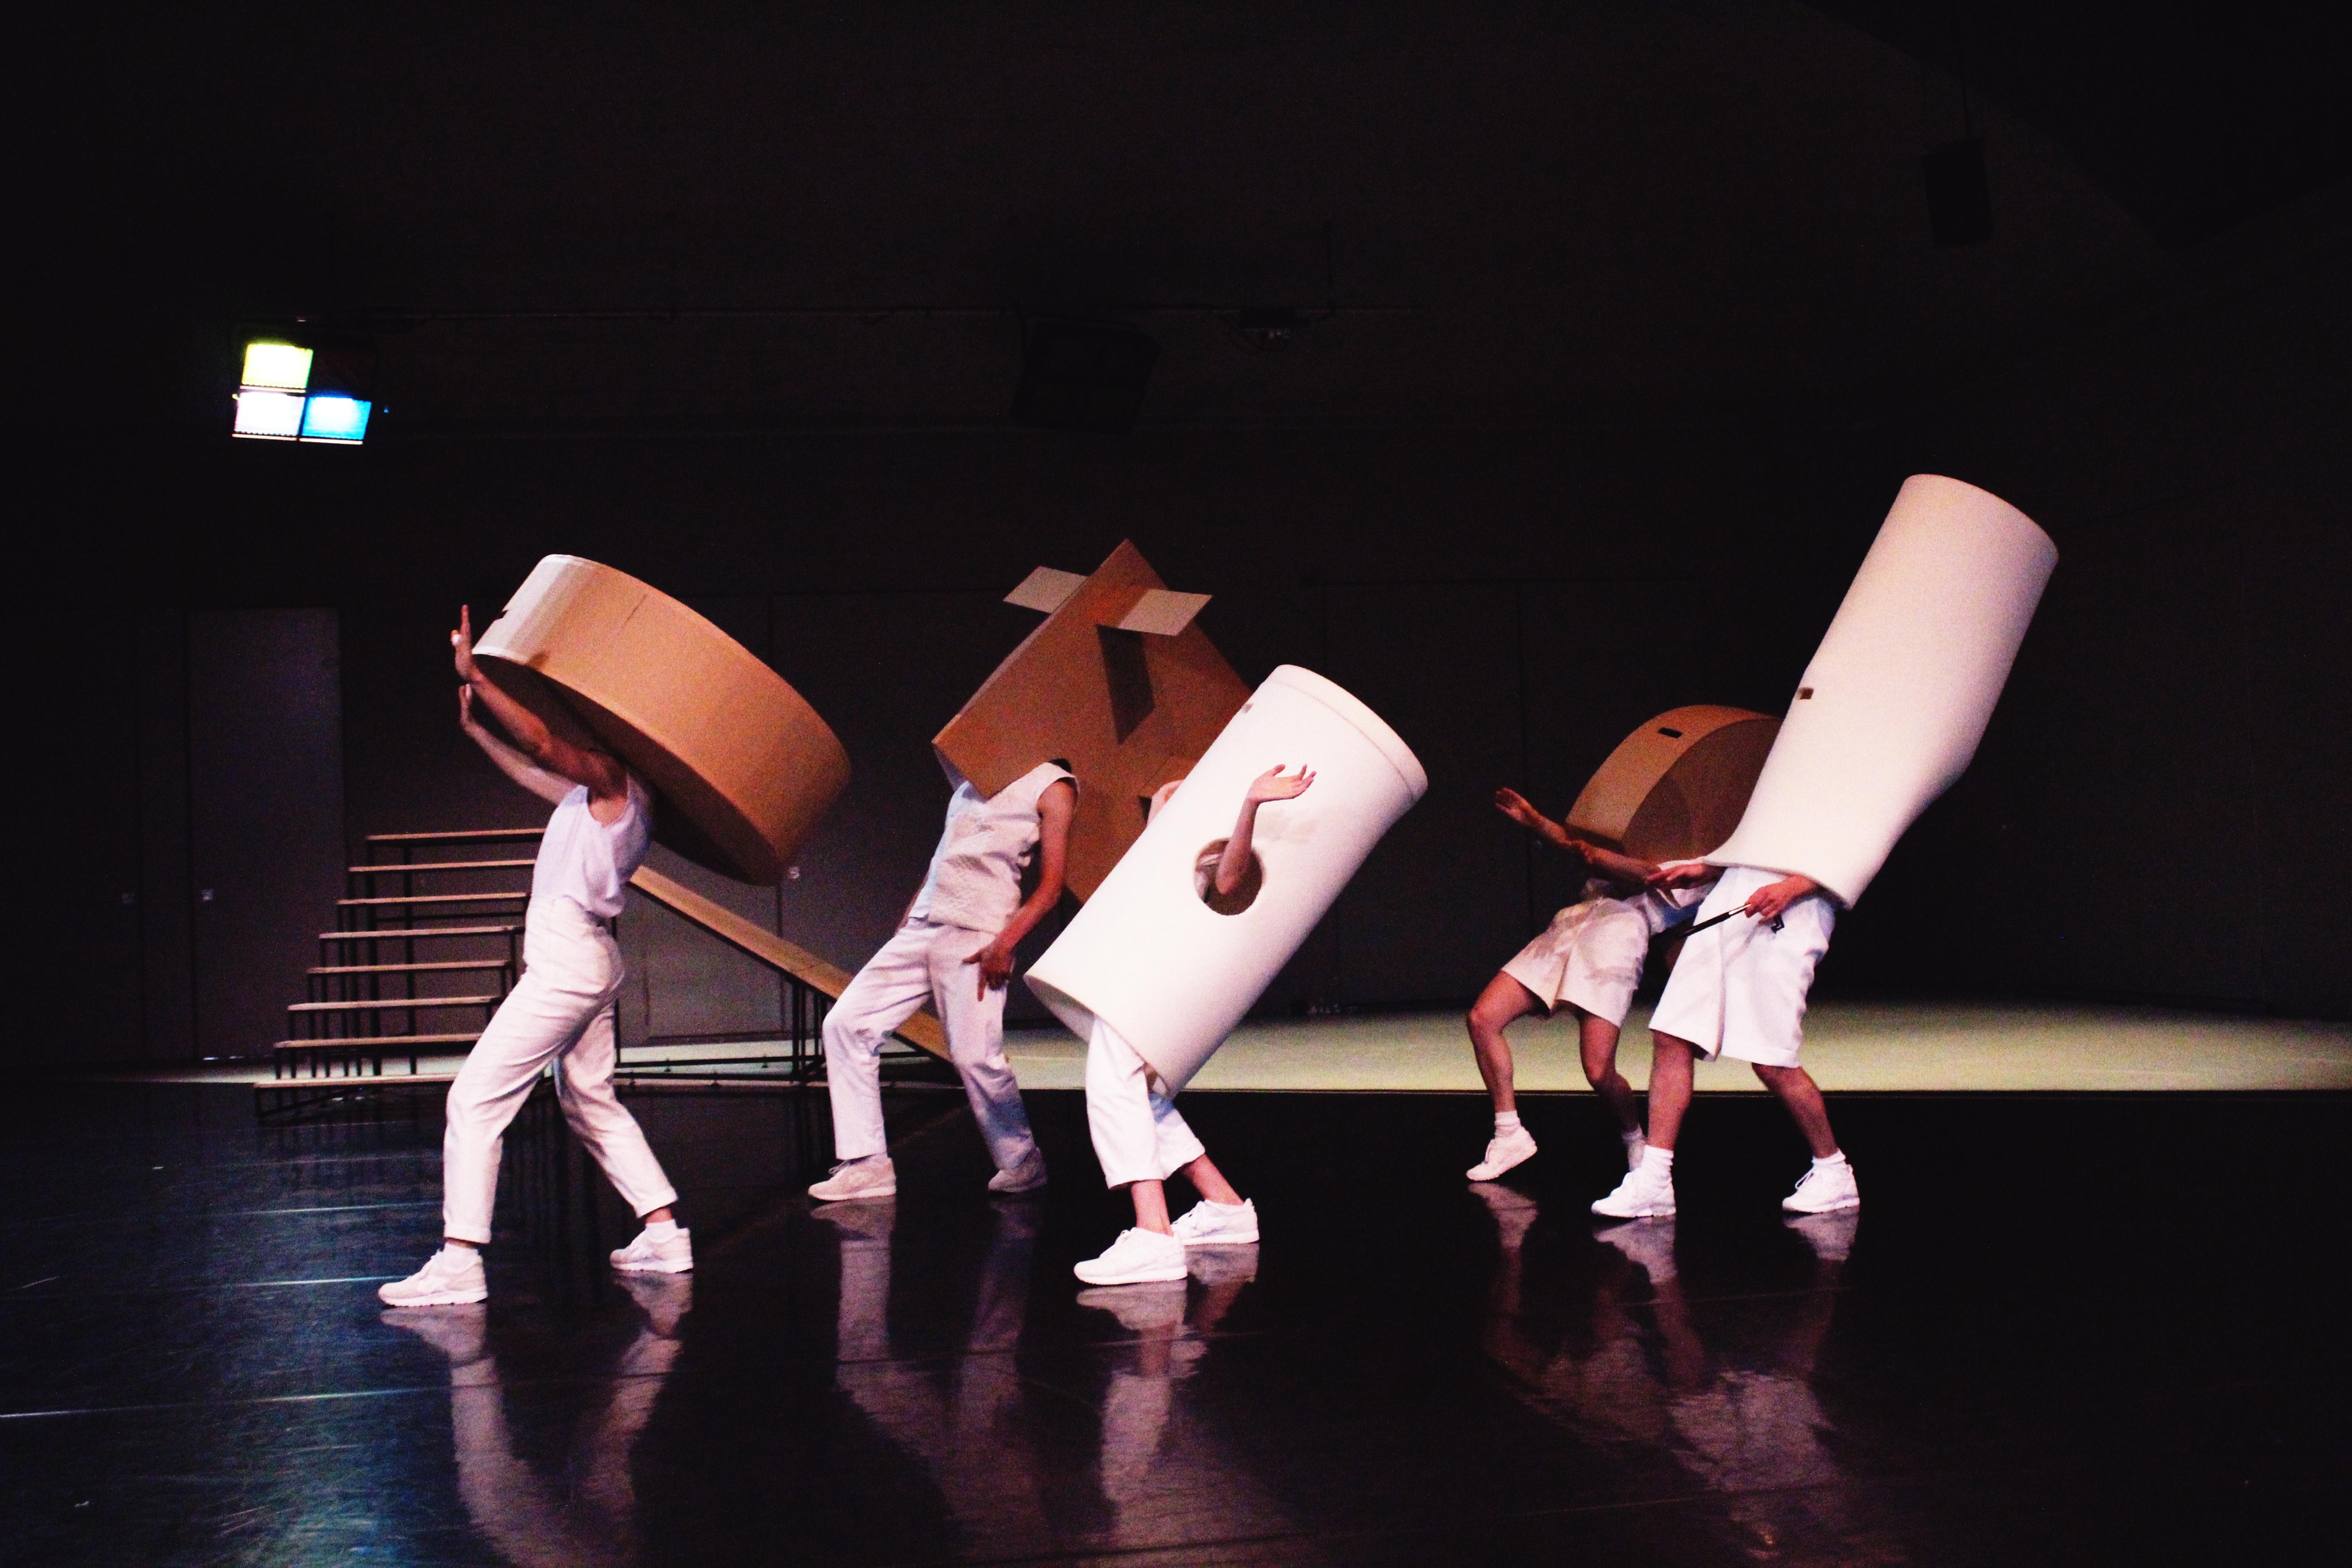 Mascha Bischoff_Kostümbild_Bühnenbild_FUN!_ Lea Moro_ Tanzhaus Zürich_Tanz im August_Foto Mascha MIhoa Bischoff_3